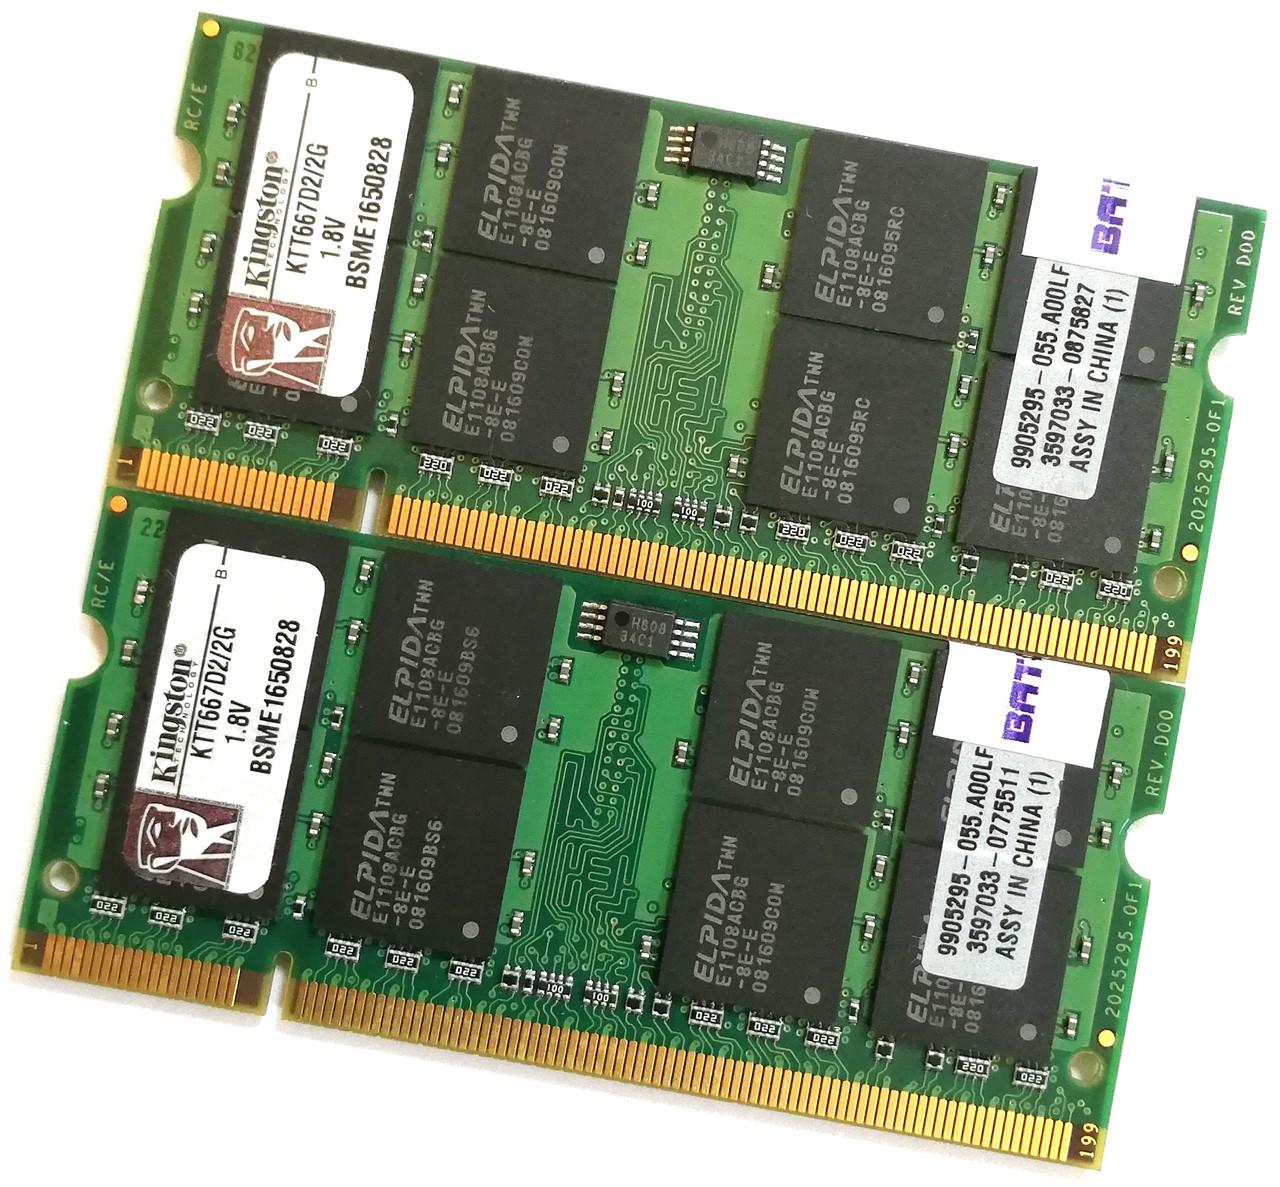 Пара оперативной памяти для ноутбука Kingston SODIMM DDR2 4Gb (2Gb+2Gb) 667MHz 5300s CL5 (KTT667D2/2G) Б/У